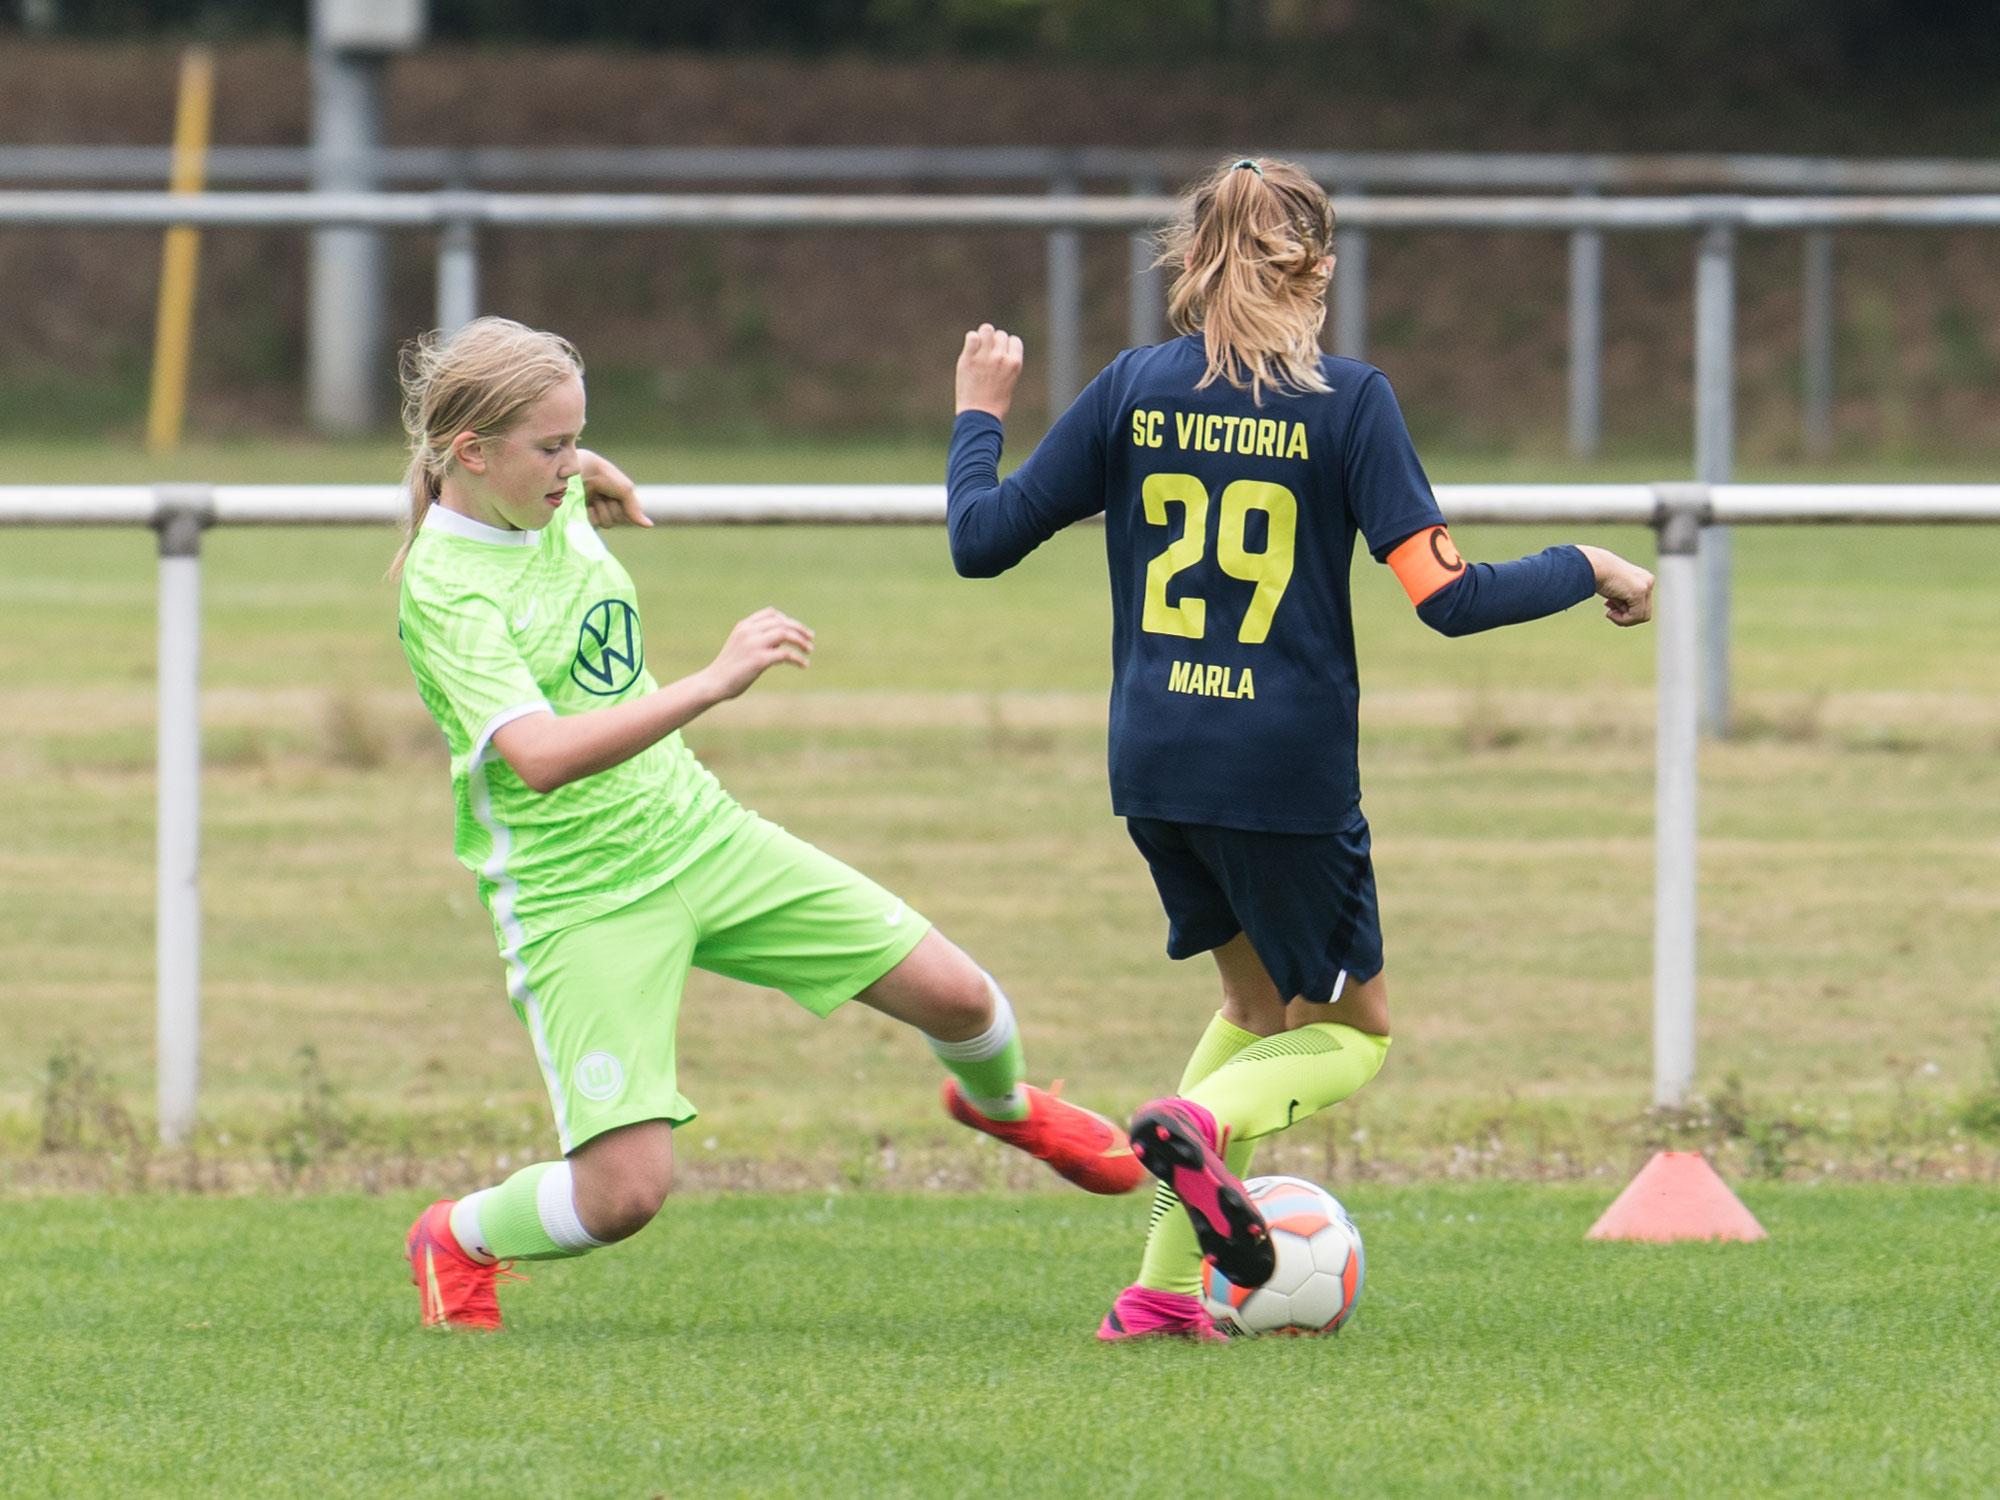 Starke Leistungen gegen VfL Wolfsburg, Bayer Leverkusen und Co